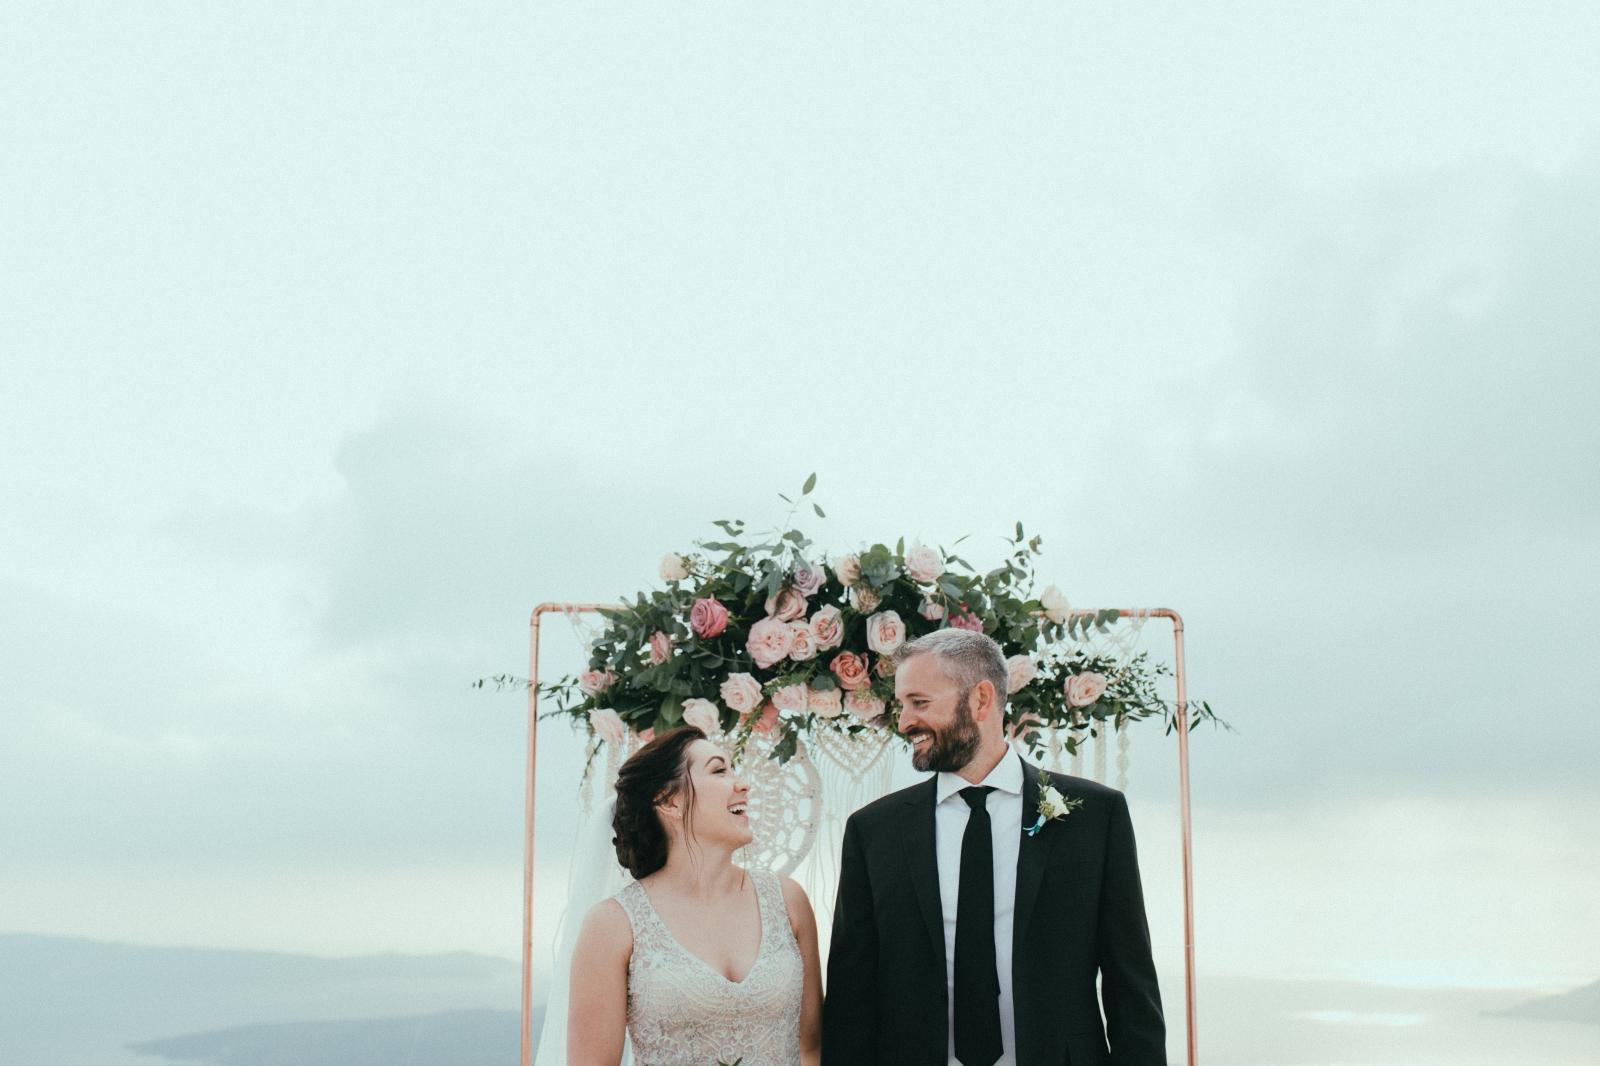 santorini-wedding-photographer61.jpg